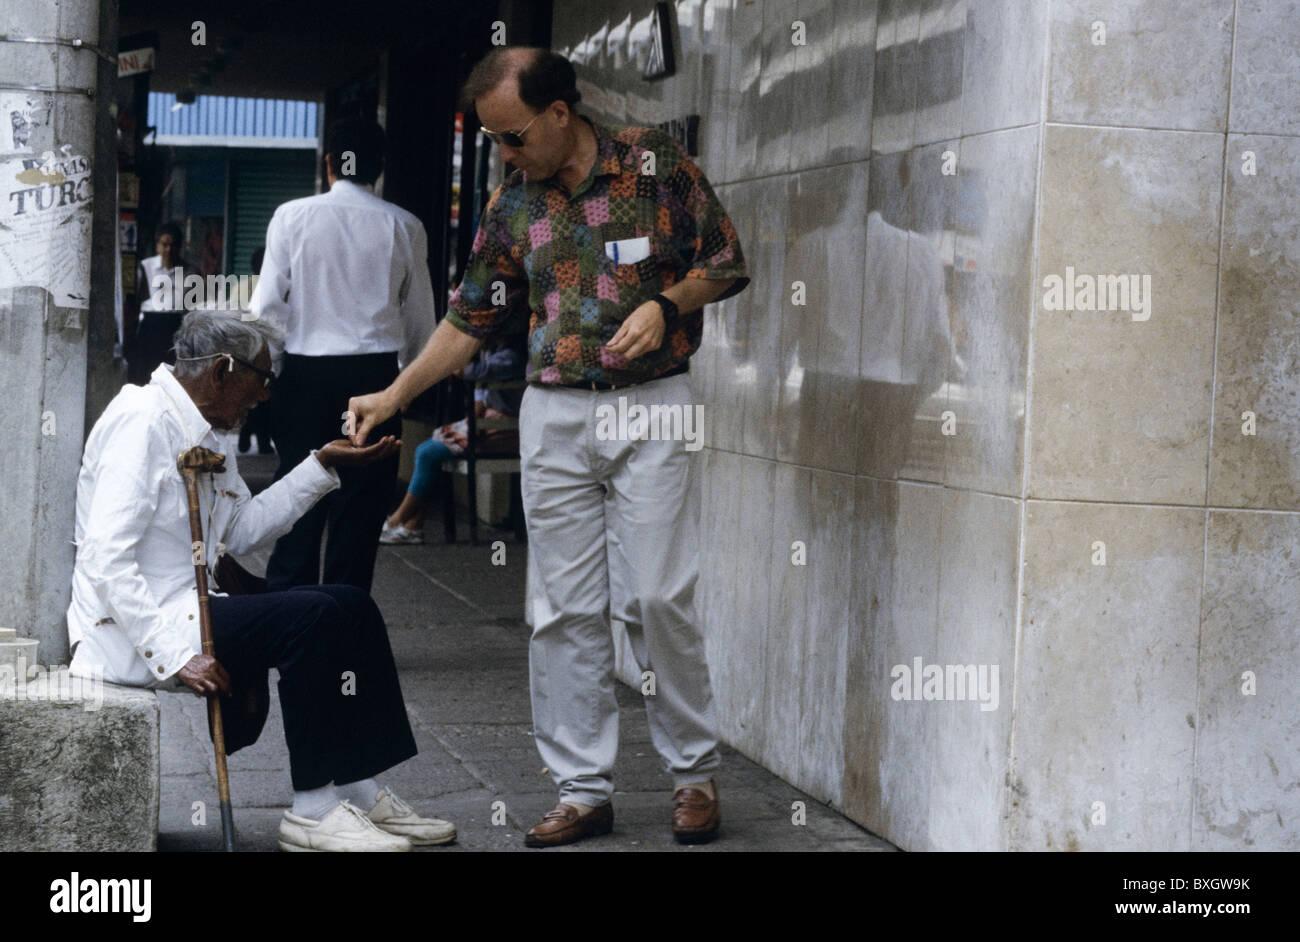 Costa Rica, San Jose, Mann gibt alten Bettler mit Kruecke Geld man giving old beggar with crutches money - Stock Image